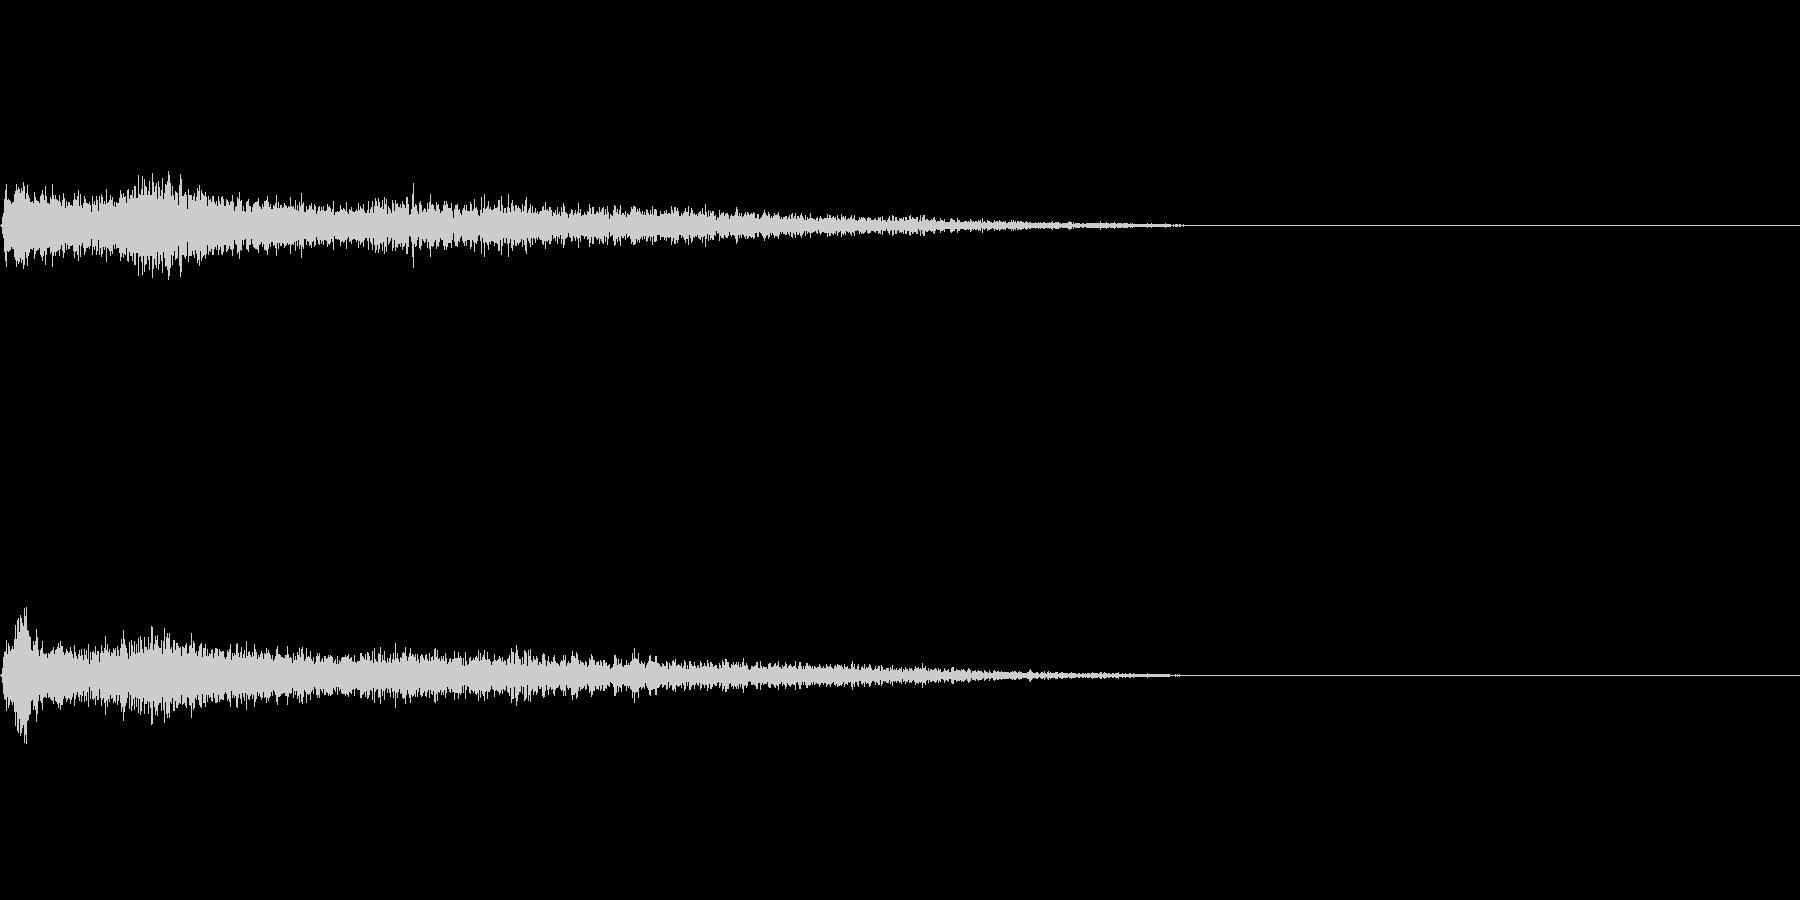 C♯メジャー インパクト音 衝撃音の未再生の波形